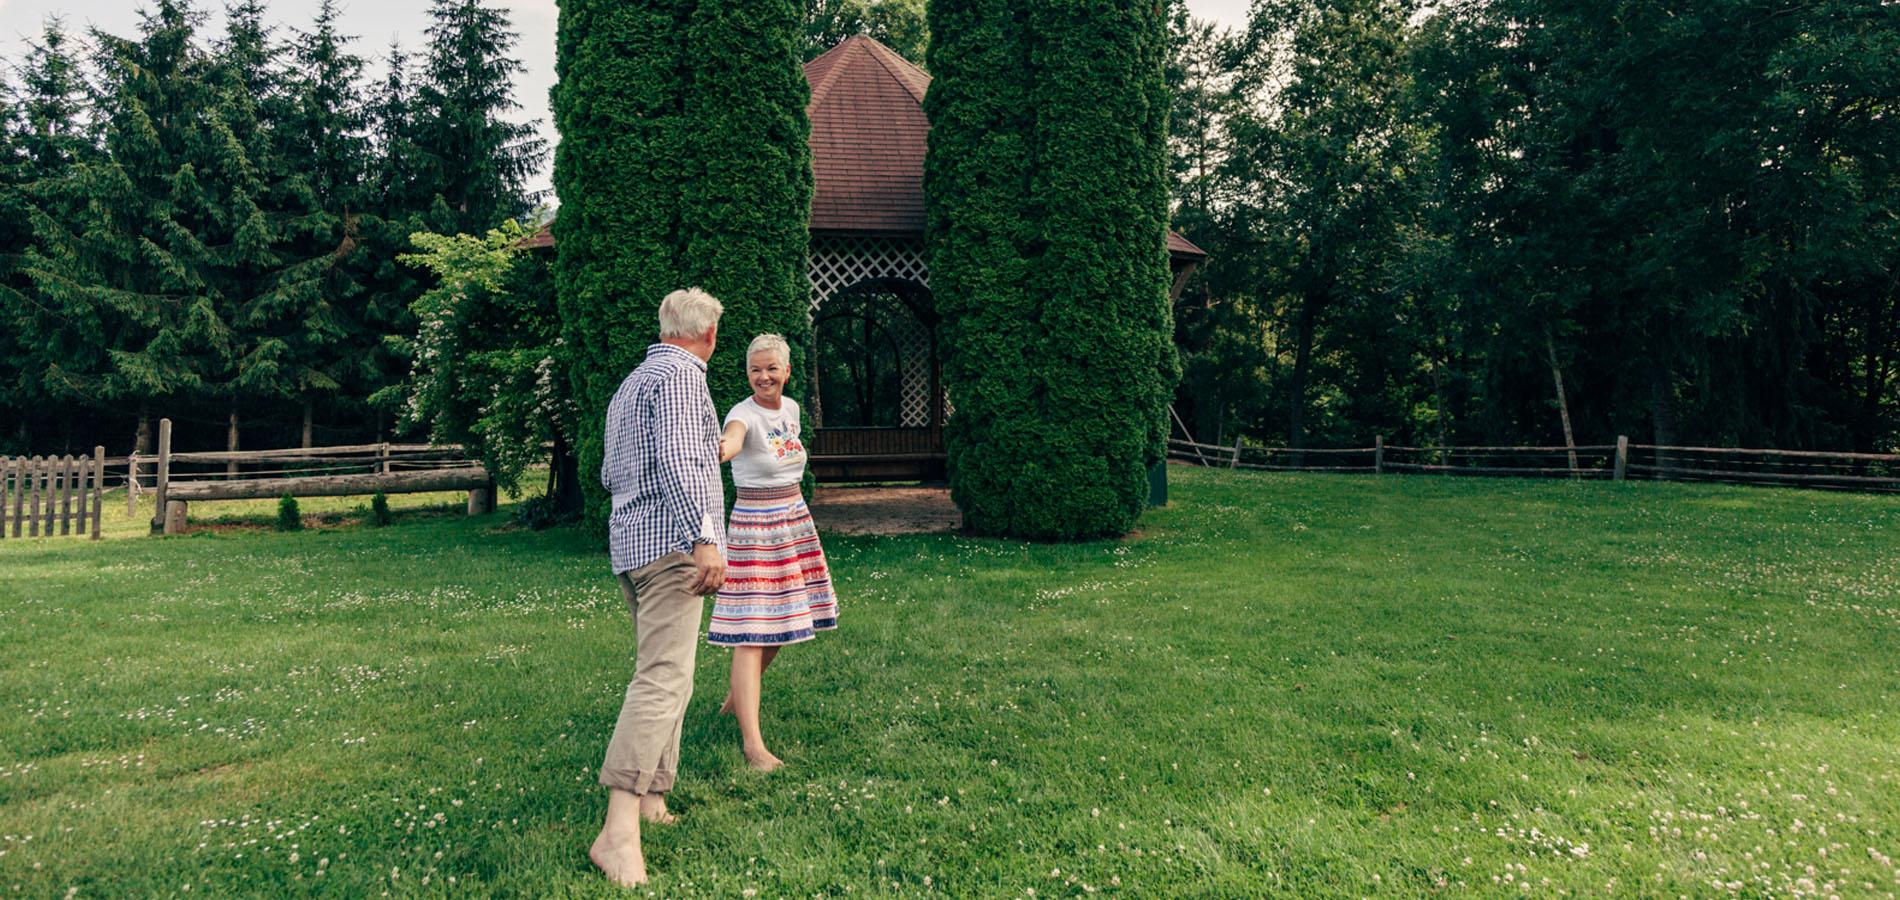 romantikurlaub-kärnten-st.veit-sommer